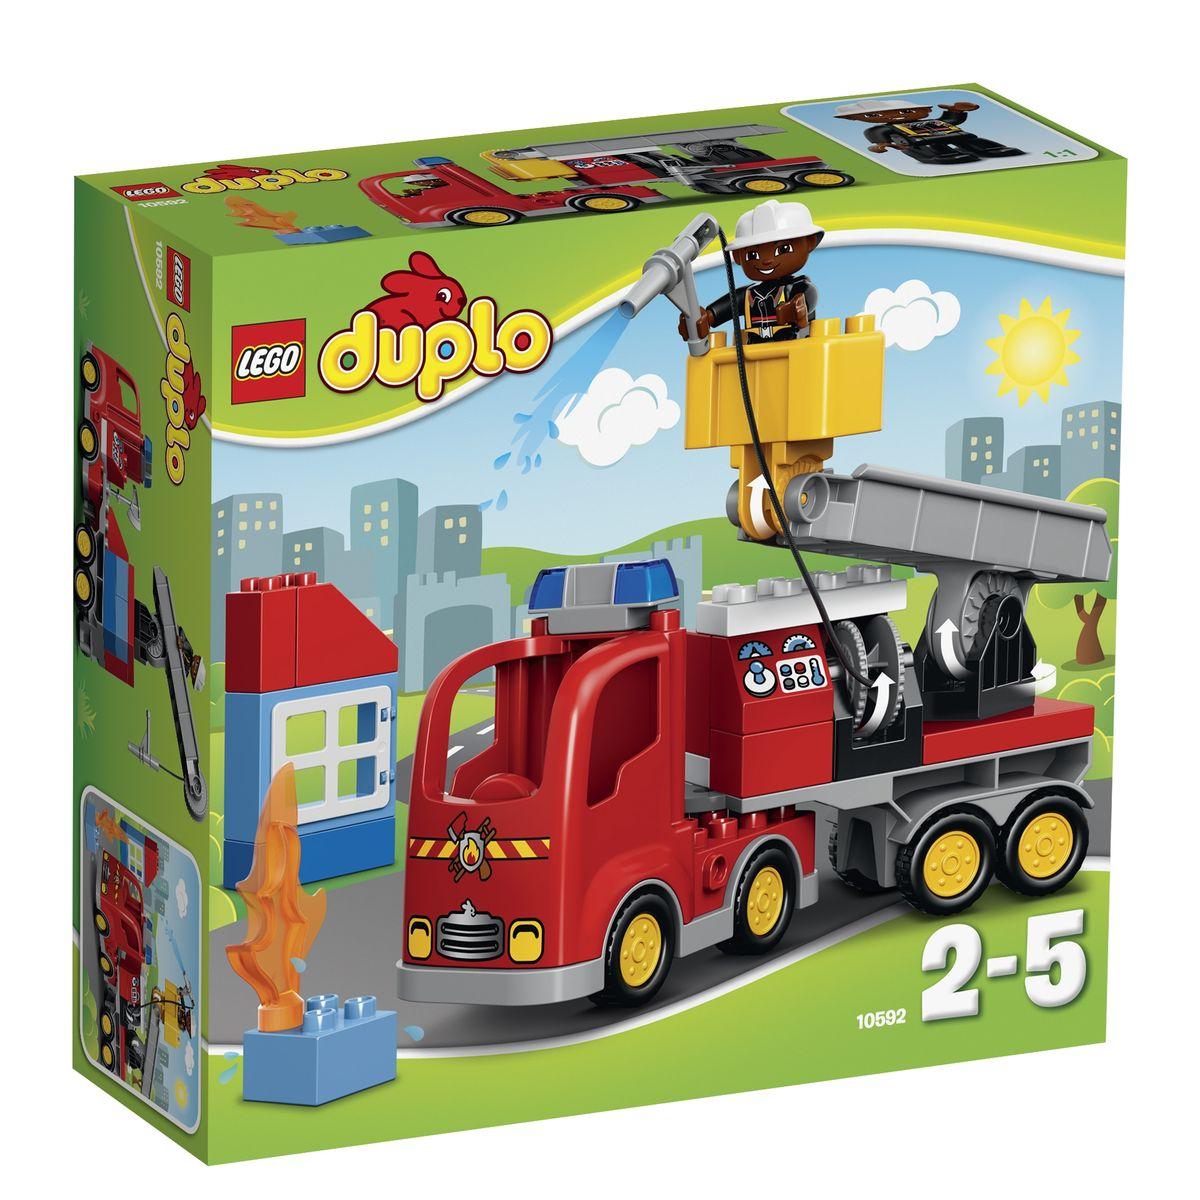 LEGO DUPLO Конструктор Пожарный грузовик 1059210592Пожарный грузовик из конструктора LEGO DUPLO готов приступить к работе! Его массивный корпус выполнен из ярко-красных деталей. Спереди видна кабина водителя, оборудованная радиаторной решеткой, противотуманными фарами и сигнальными огнями. За кабиной организована прямоугольная панель, имеющая несколько назначений. При желании здесь можно разместить систему пожаротушения со шлангом, приборной панелью и багажным отсеком для перевозки инвентаря. Но, если возгорание произошло в высотном здании, то пожарному придется воспользоваться дополнительным оборудованием. Для этого к багажной панели необходимо присоединить транспортировочную платформу, состоящую из прочного основания и подъемного крана с люлькой. Для удобства пожарного вся конструкция очень мобильна. Она может не только подниматься и опускаться, подстраиваясь под высоту здания, но и вращаться вокруг своей оси. Игра с конструктором развивает мелкую моторику ребенка, фантазию и воображение, учит его...